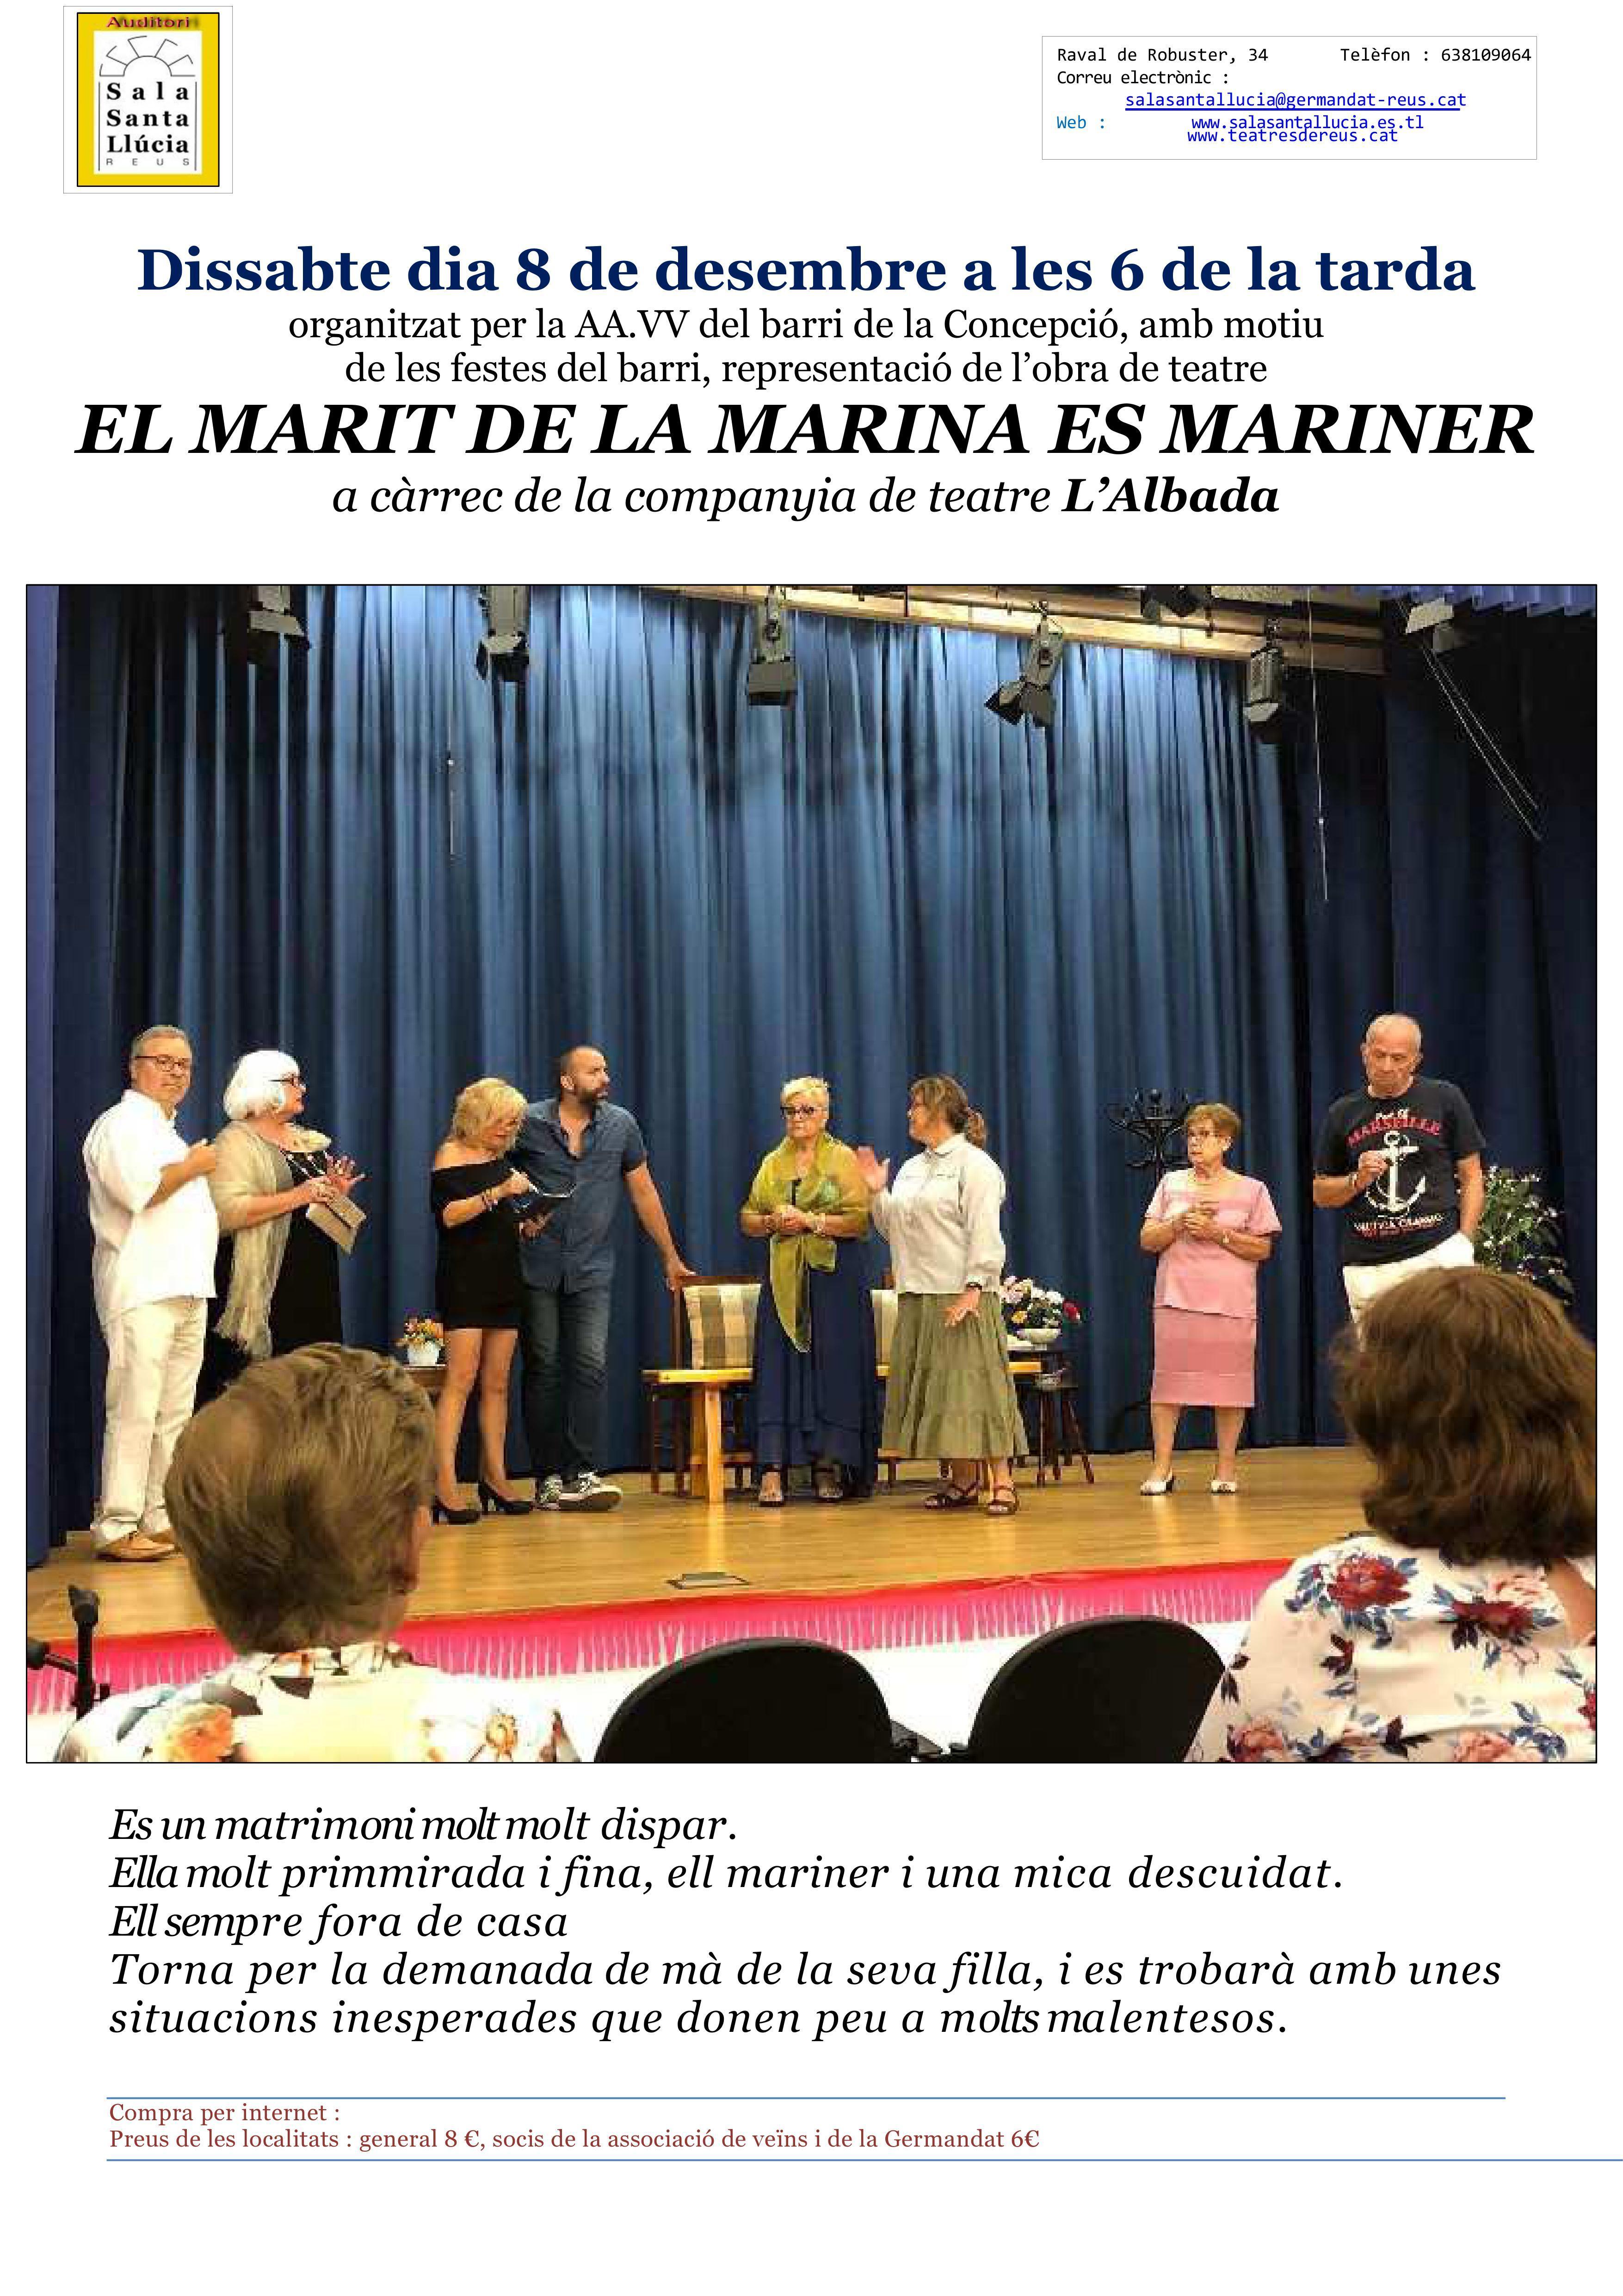 El marit de la marina és mariner, a càrrec de L'Albada